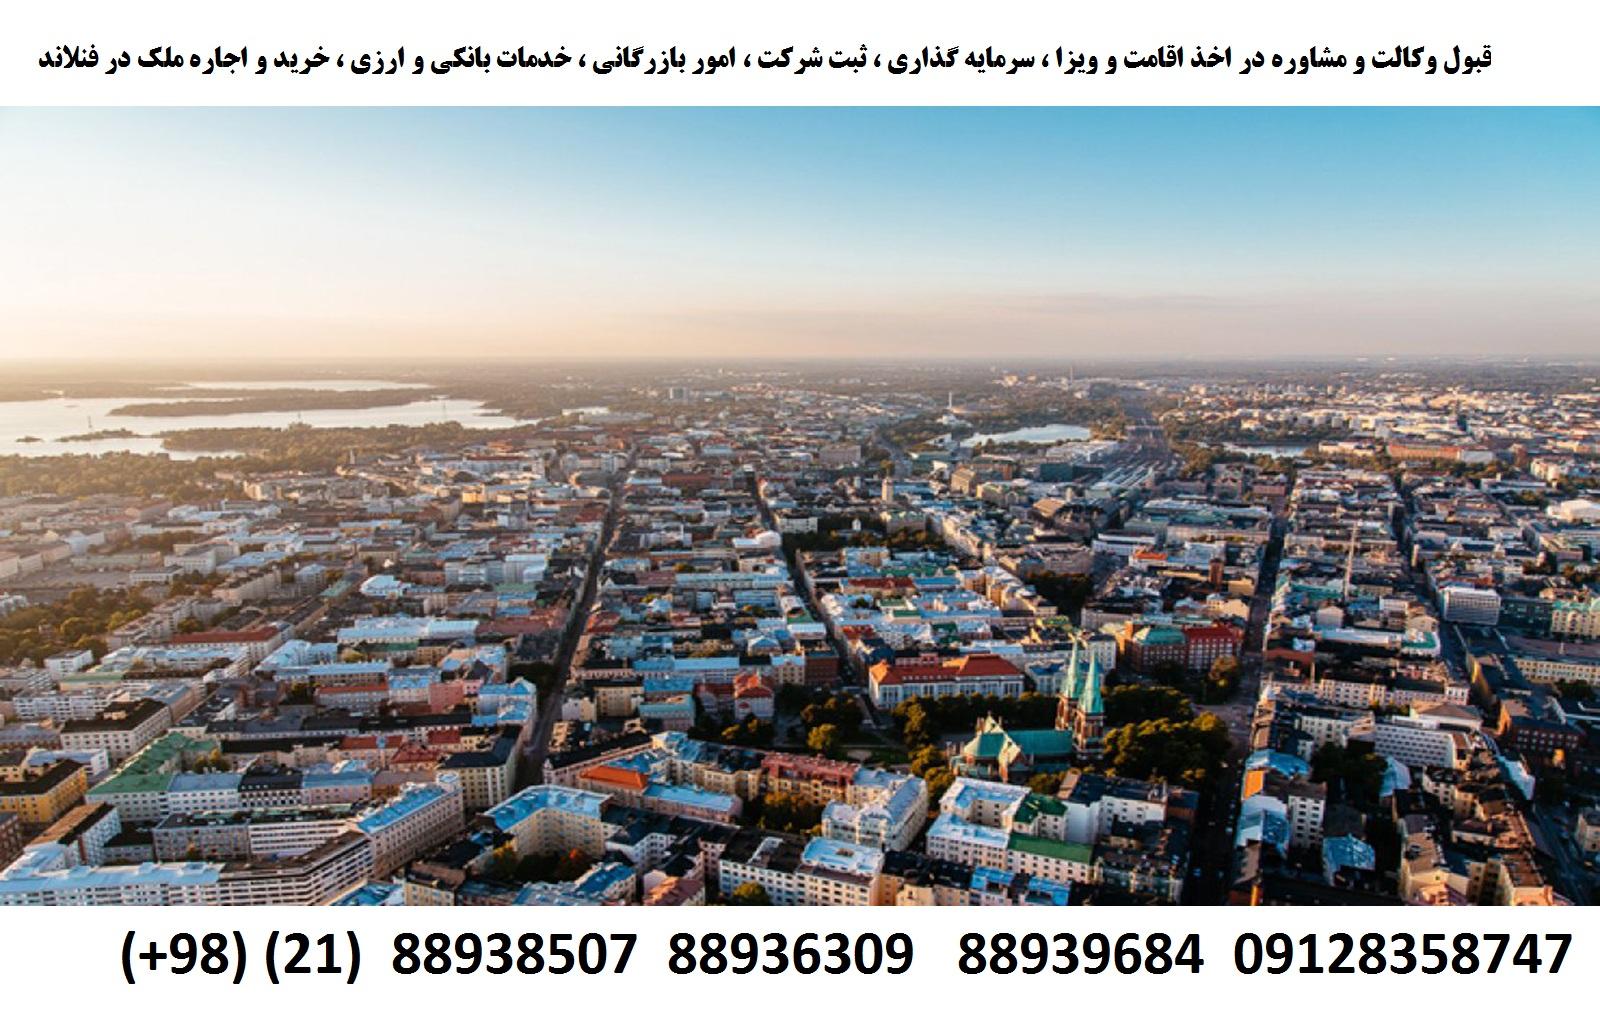 اقامت ، اخذ ویزا ، ثبت شرکت ، سرمایه گذاری در فنلاند (3)